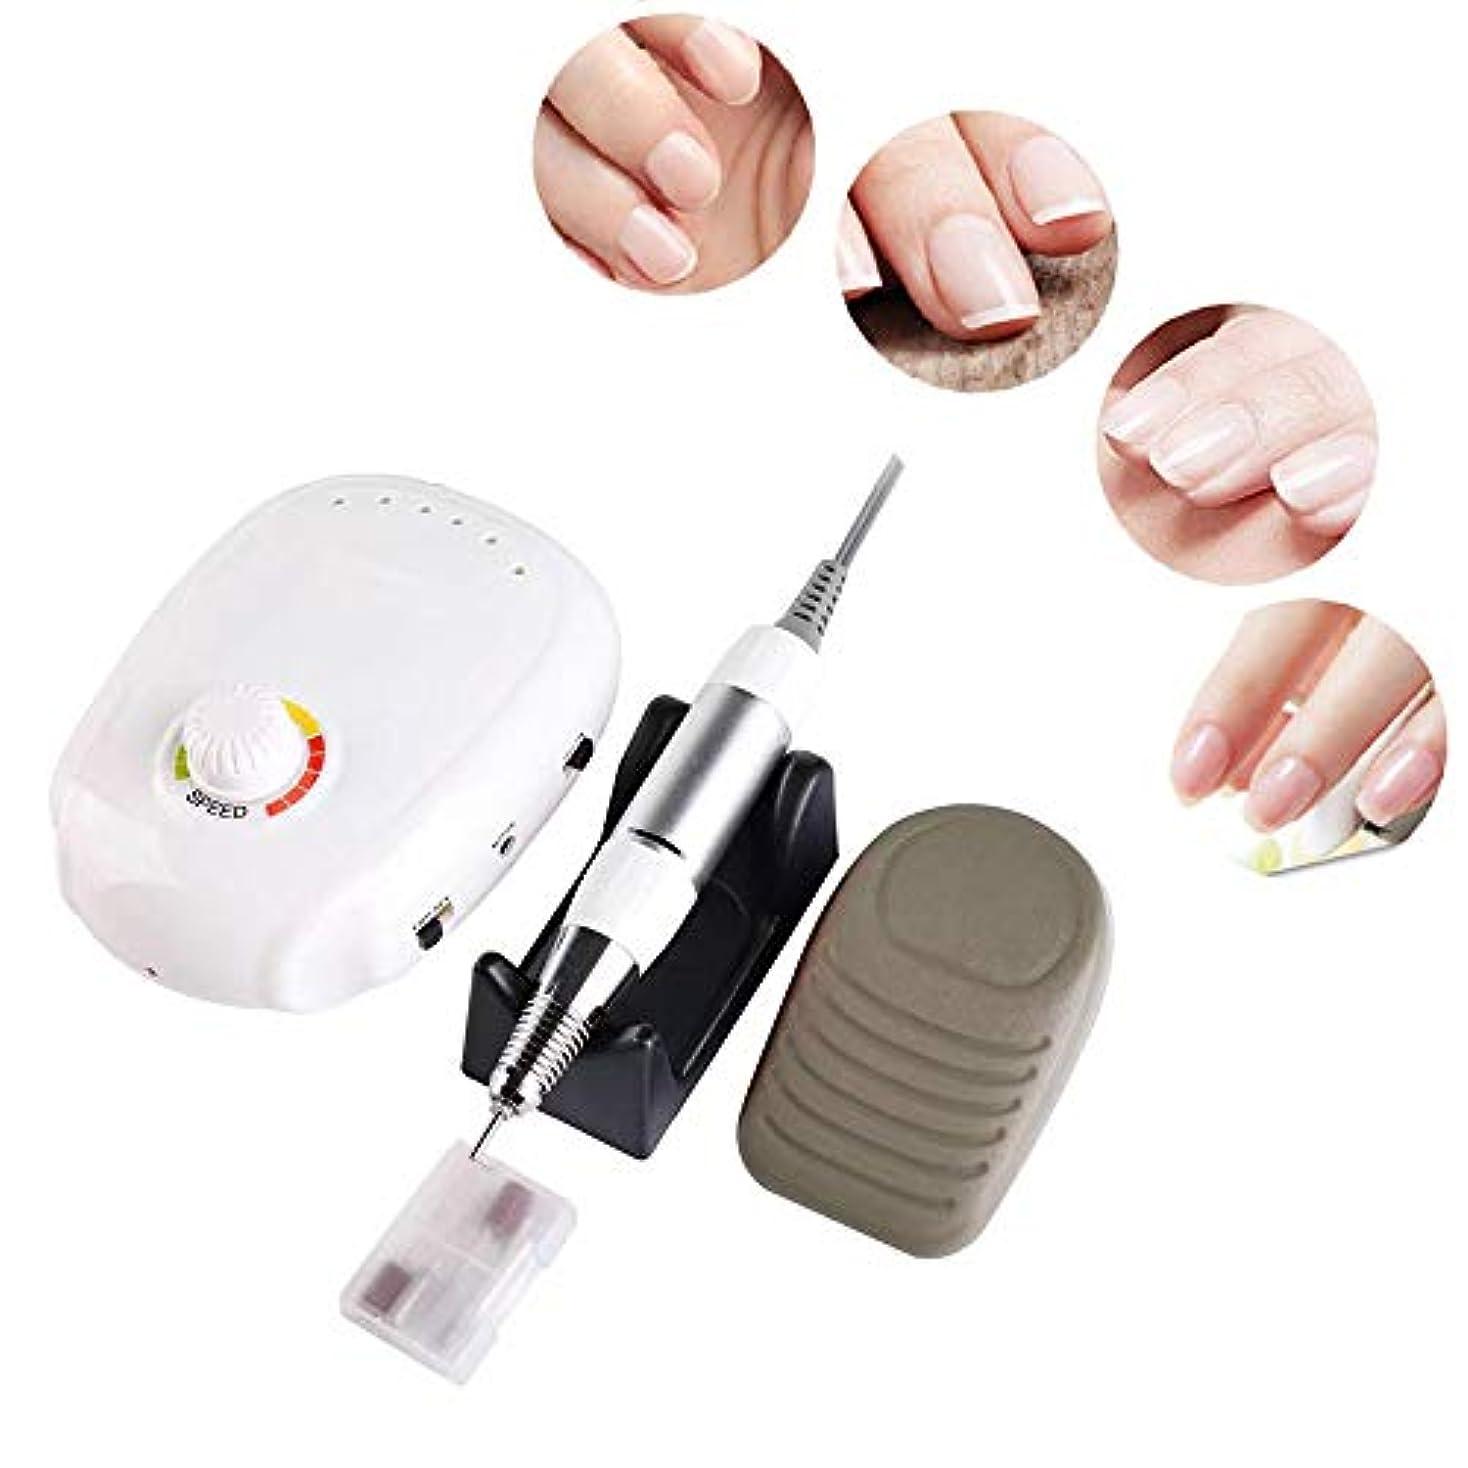 究極のペリスコープ香水電動ネイルドリル充電式ネイルマシンアクリルジェルネイル用ポータブルペディキュアキットM低ノイズ低振動ホームサロン35000RPM